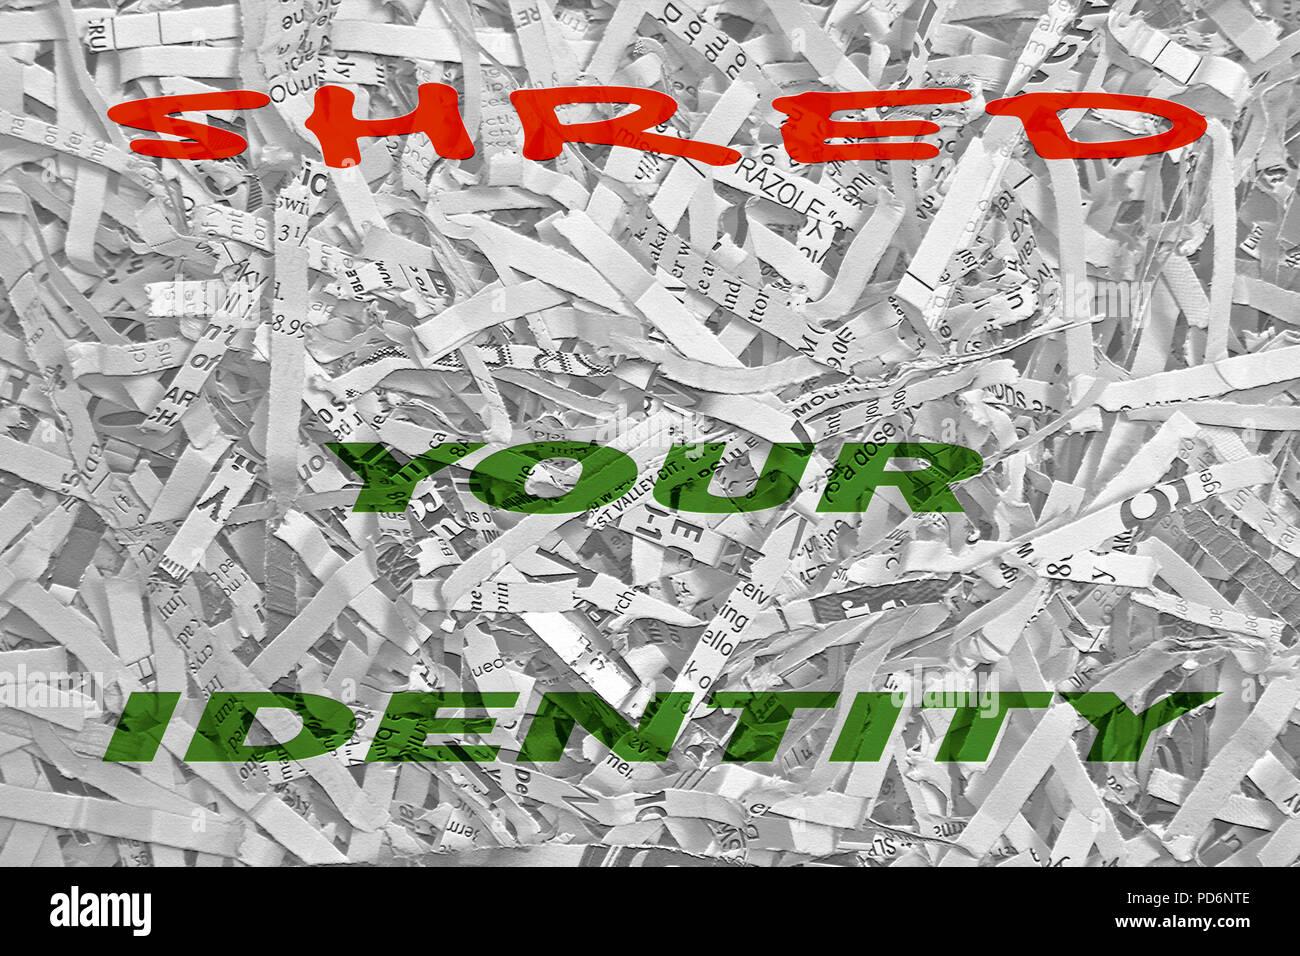 Die Worte des Hred ihre Identität' Fett und bunten Typ ist auf einem schwarz-weiß Foto von Datenbits zerrissenes Papier aus einem Haushalt shre überlagert Stockbild